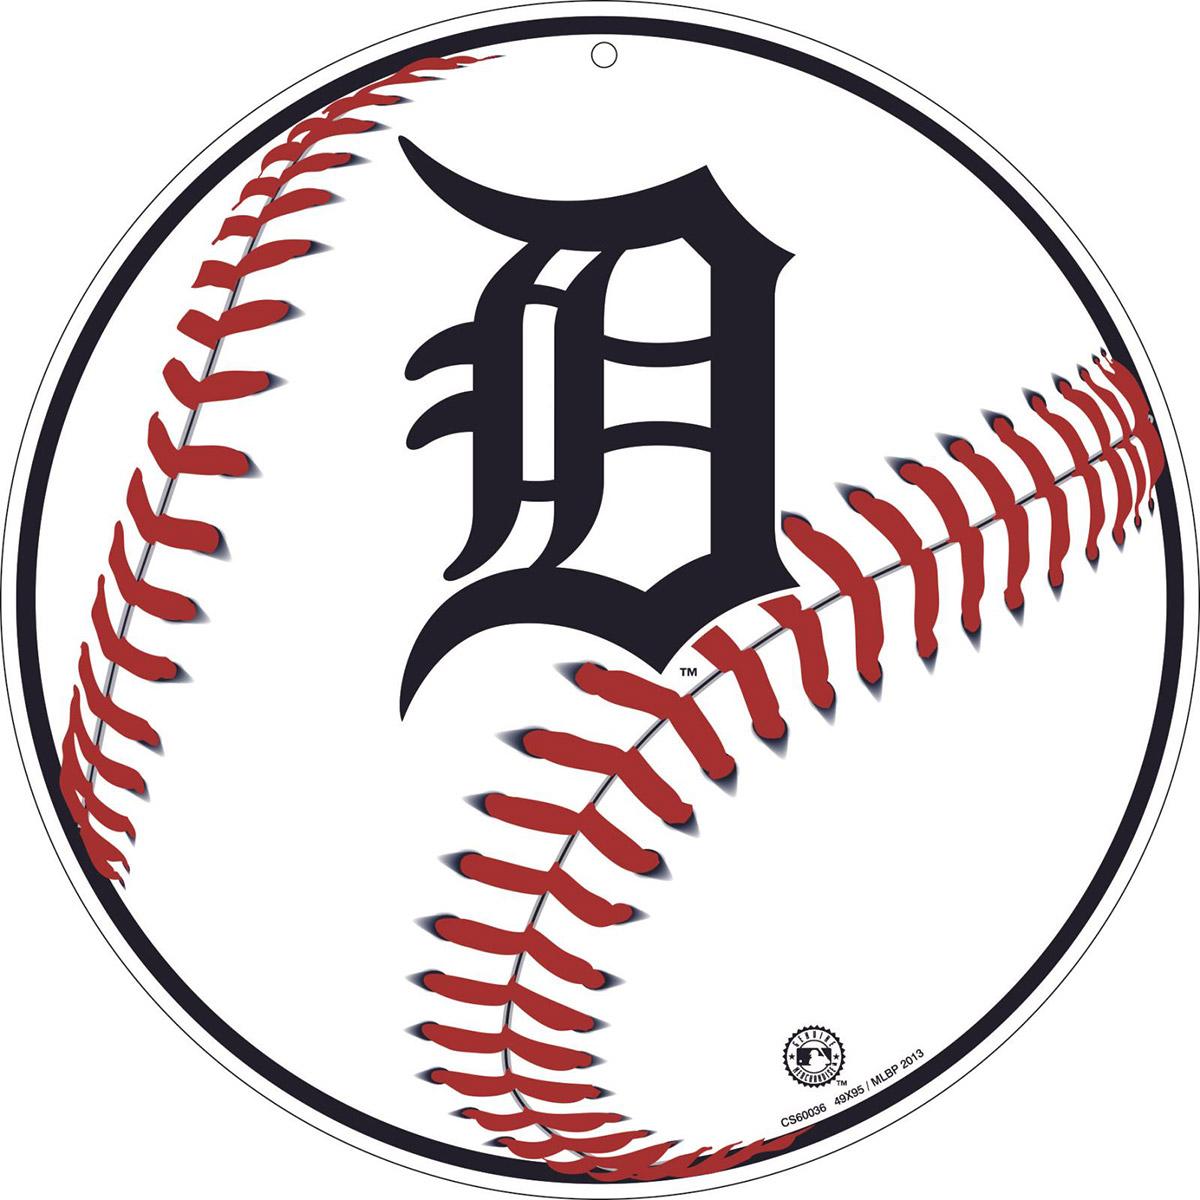 Detroit Tigers Clipart at GetDrawings.com.